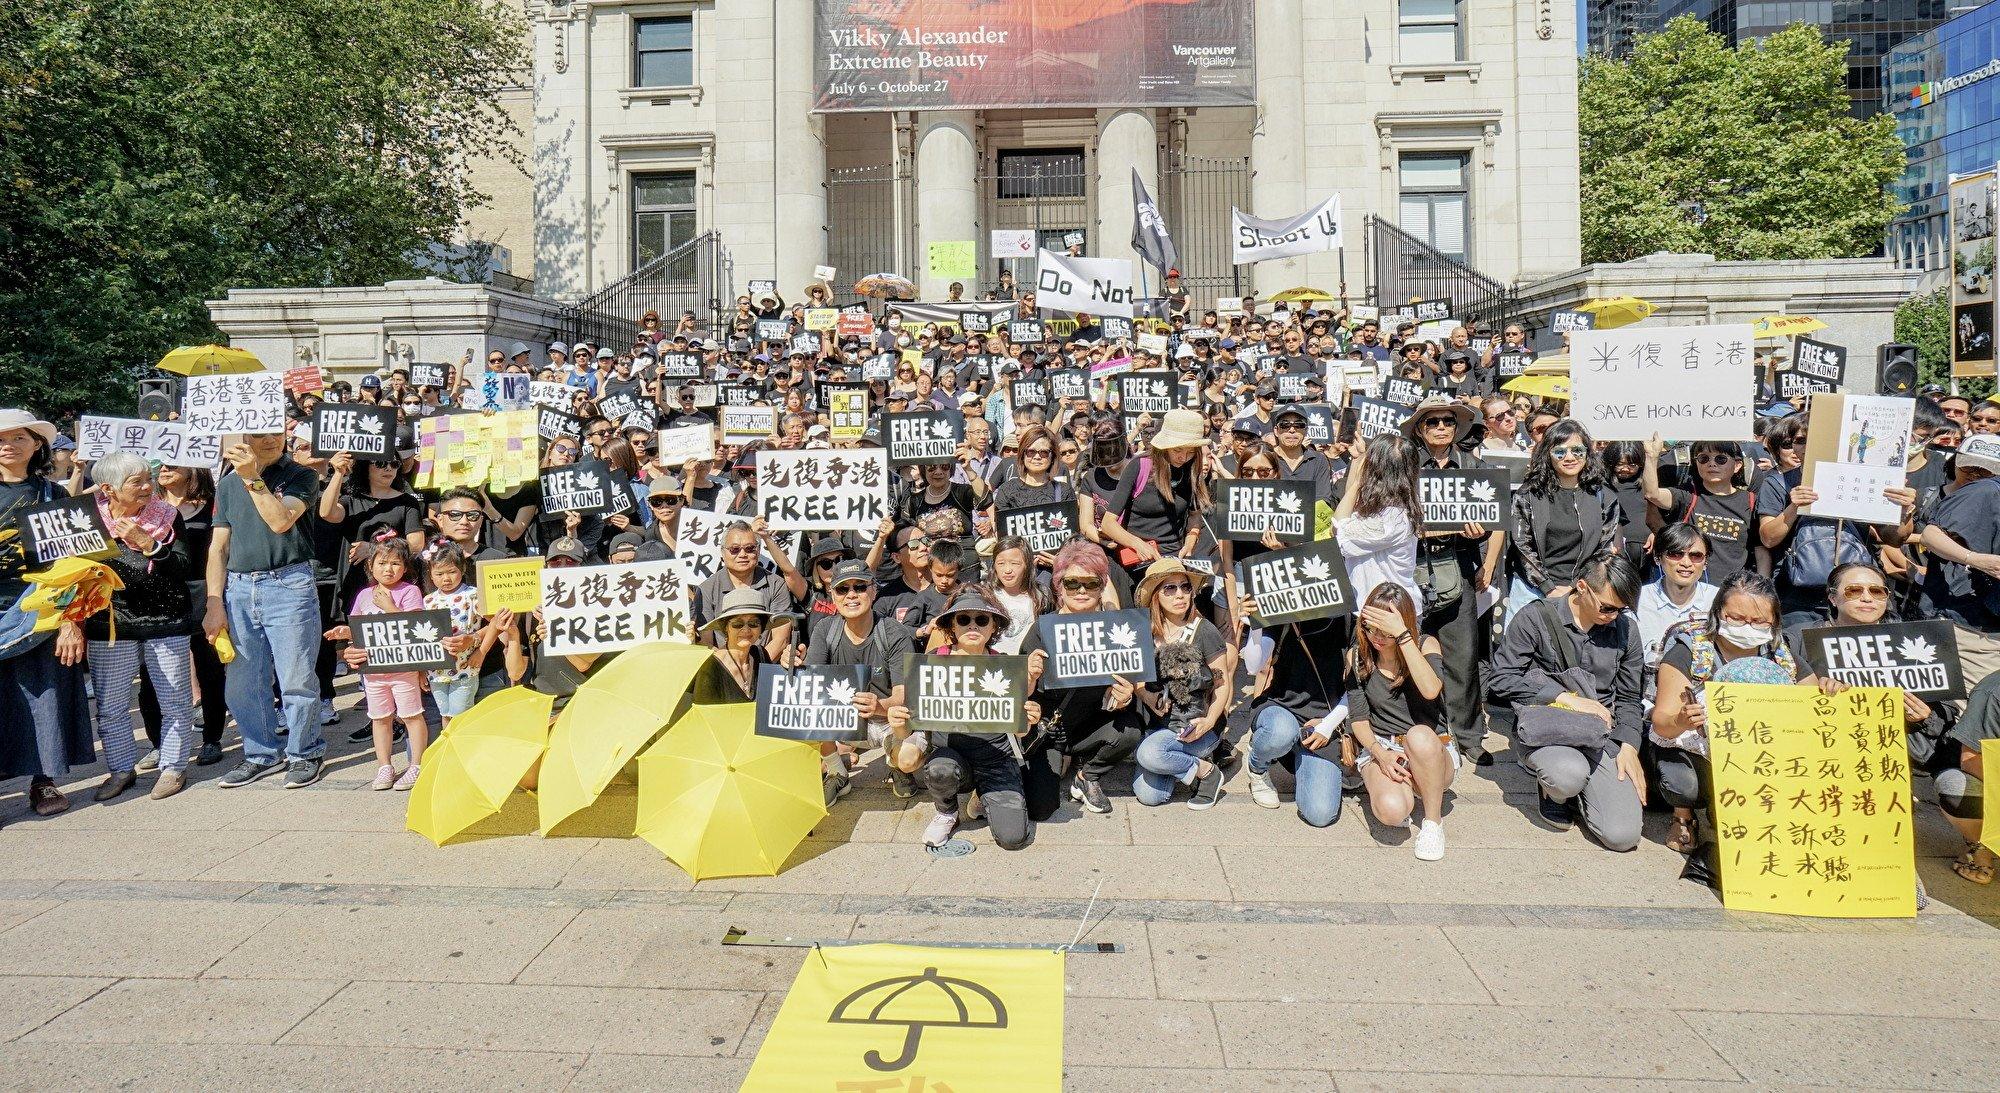 2019年8月3日,逾千名溫哥華華人在藝術館前集會,支持香港反送中示威者。(Canadians Concerned About Hong Kong授權)